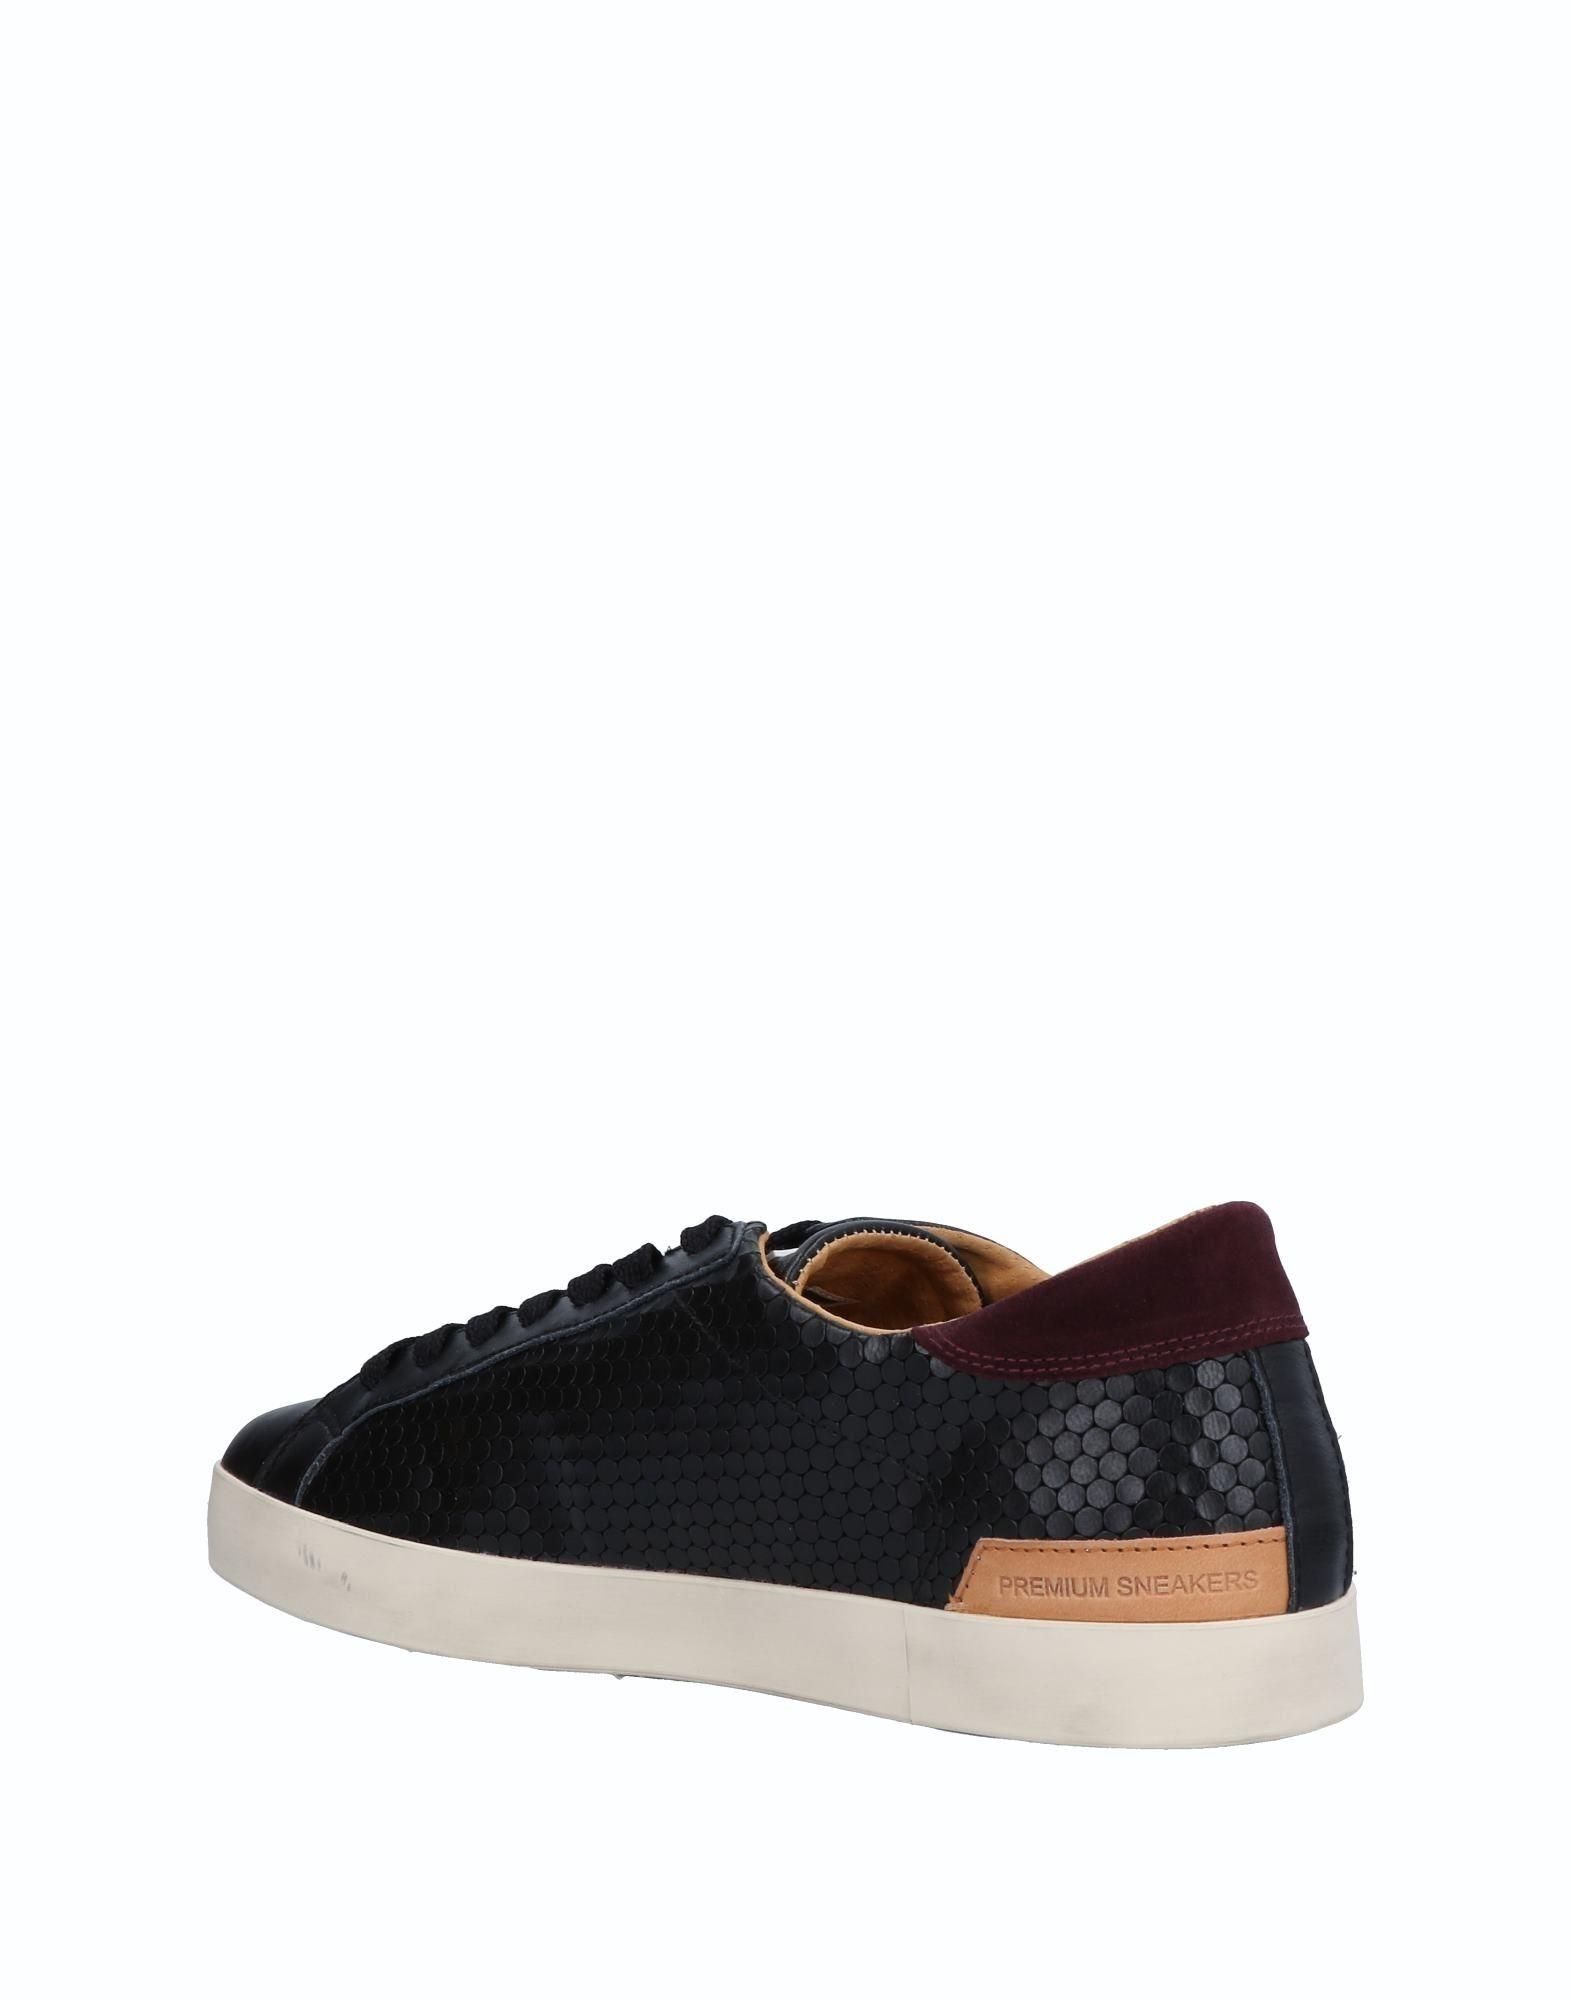 Rabatt D.A.T.E. echte Schuhe D.A.T.E. Rabatt Sneakers Herren  11507678VQ 770b5b